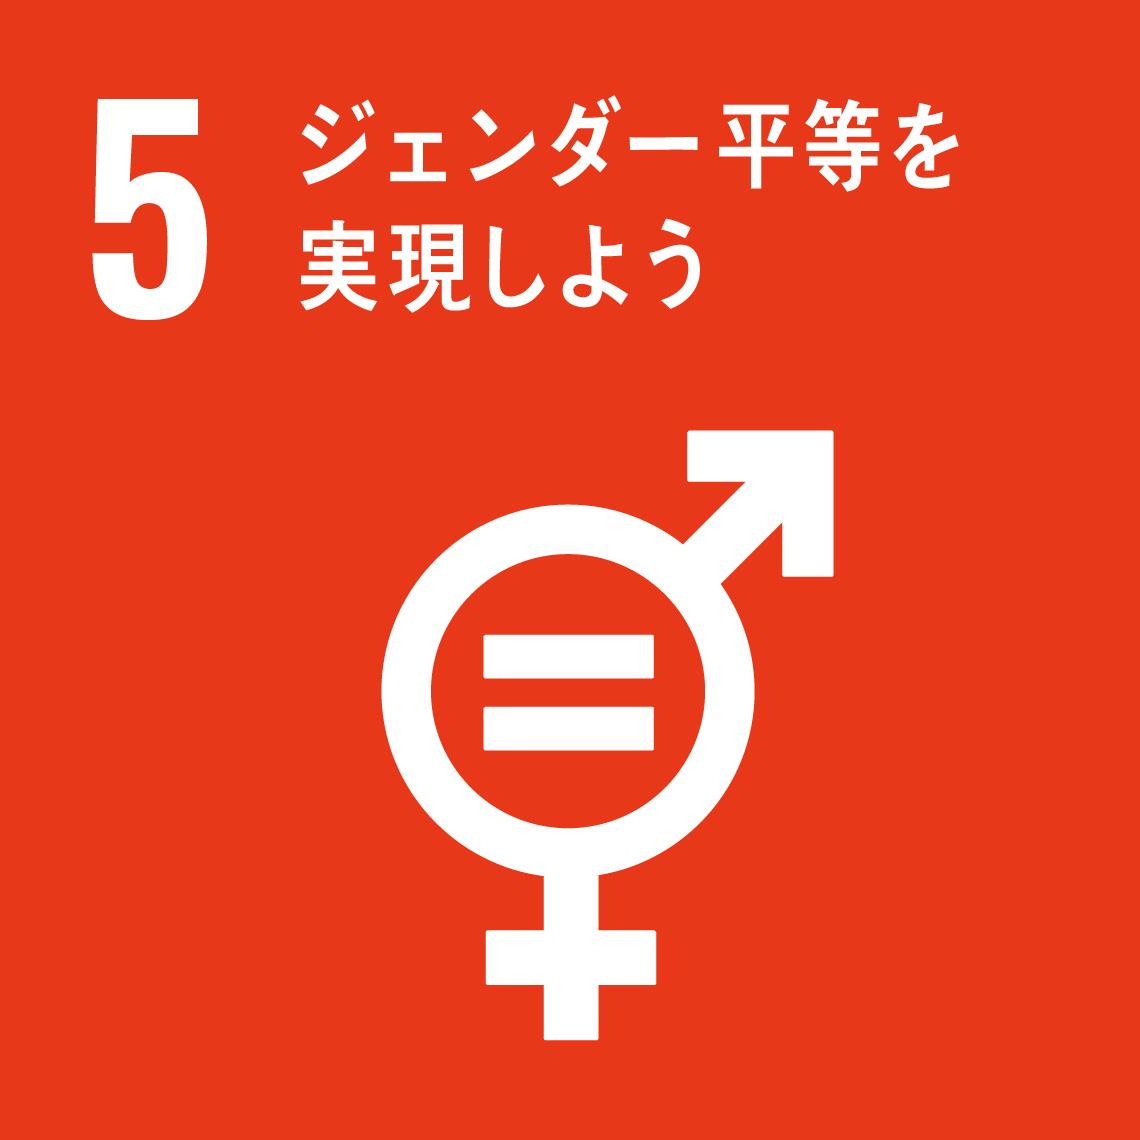 5: ジェンダー平等を実現しよう